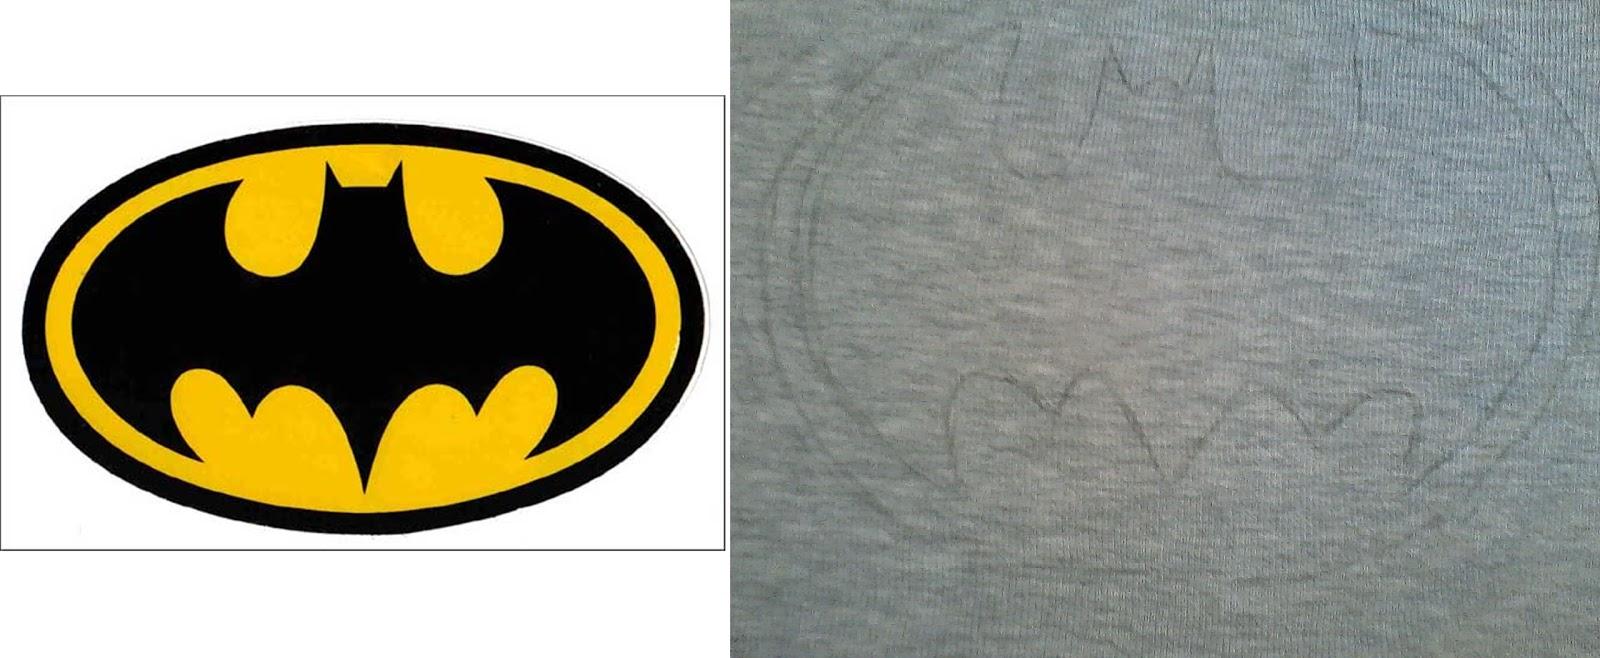 Simbolo Do Batma. Caixa Smbolo Do Batman. Simbolo Do Batma. Postado ...